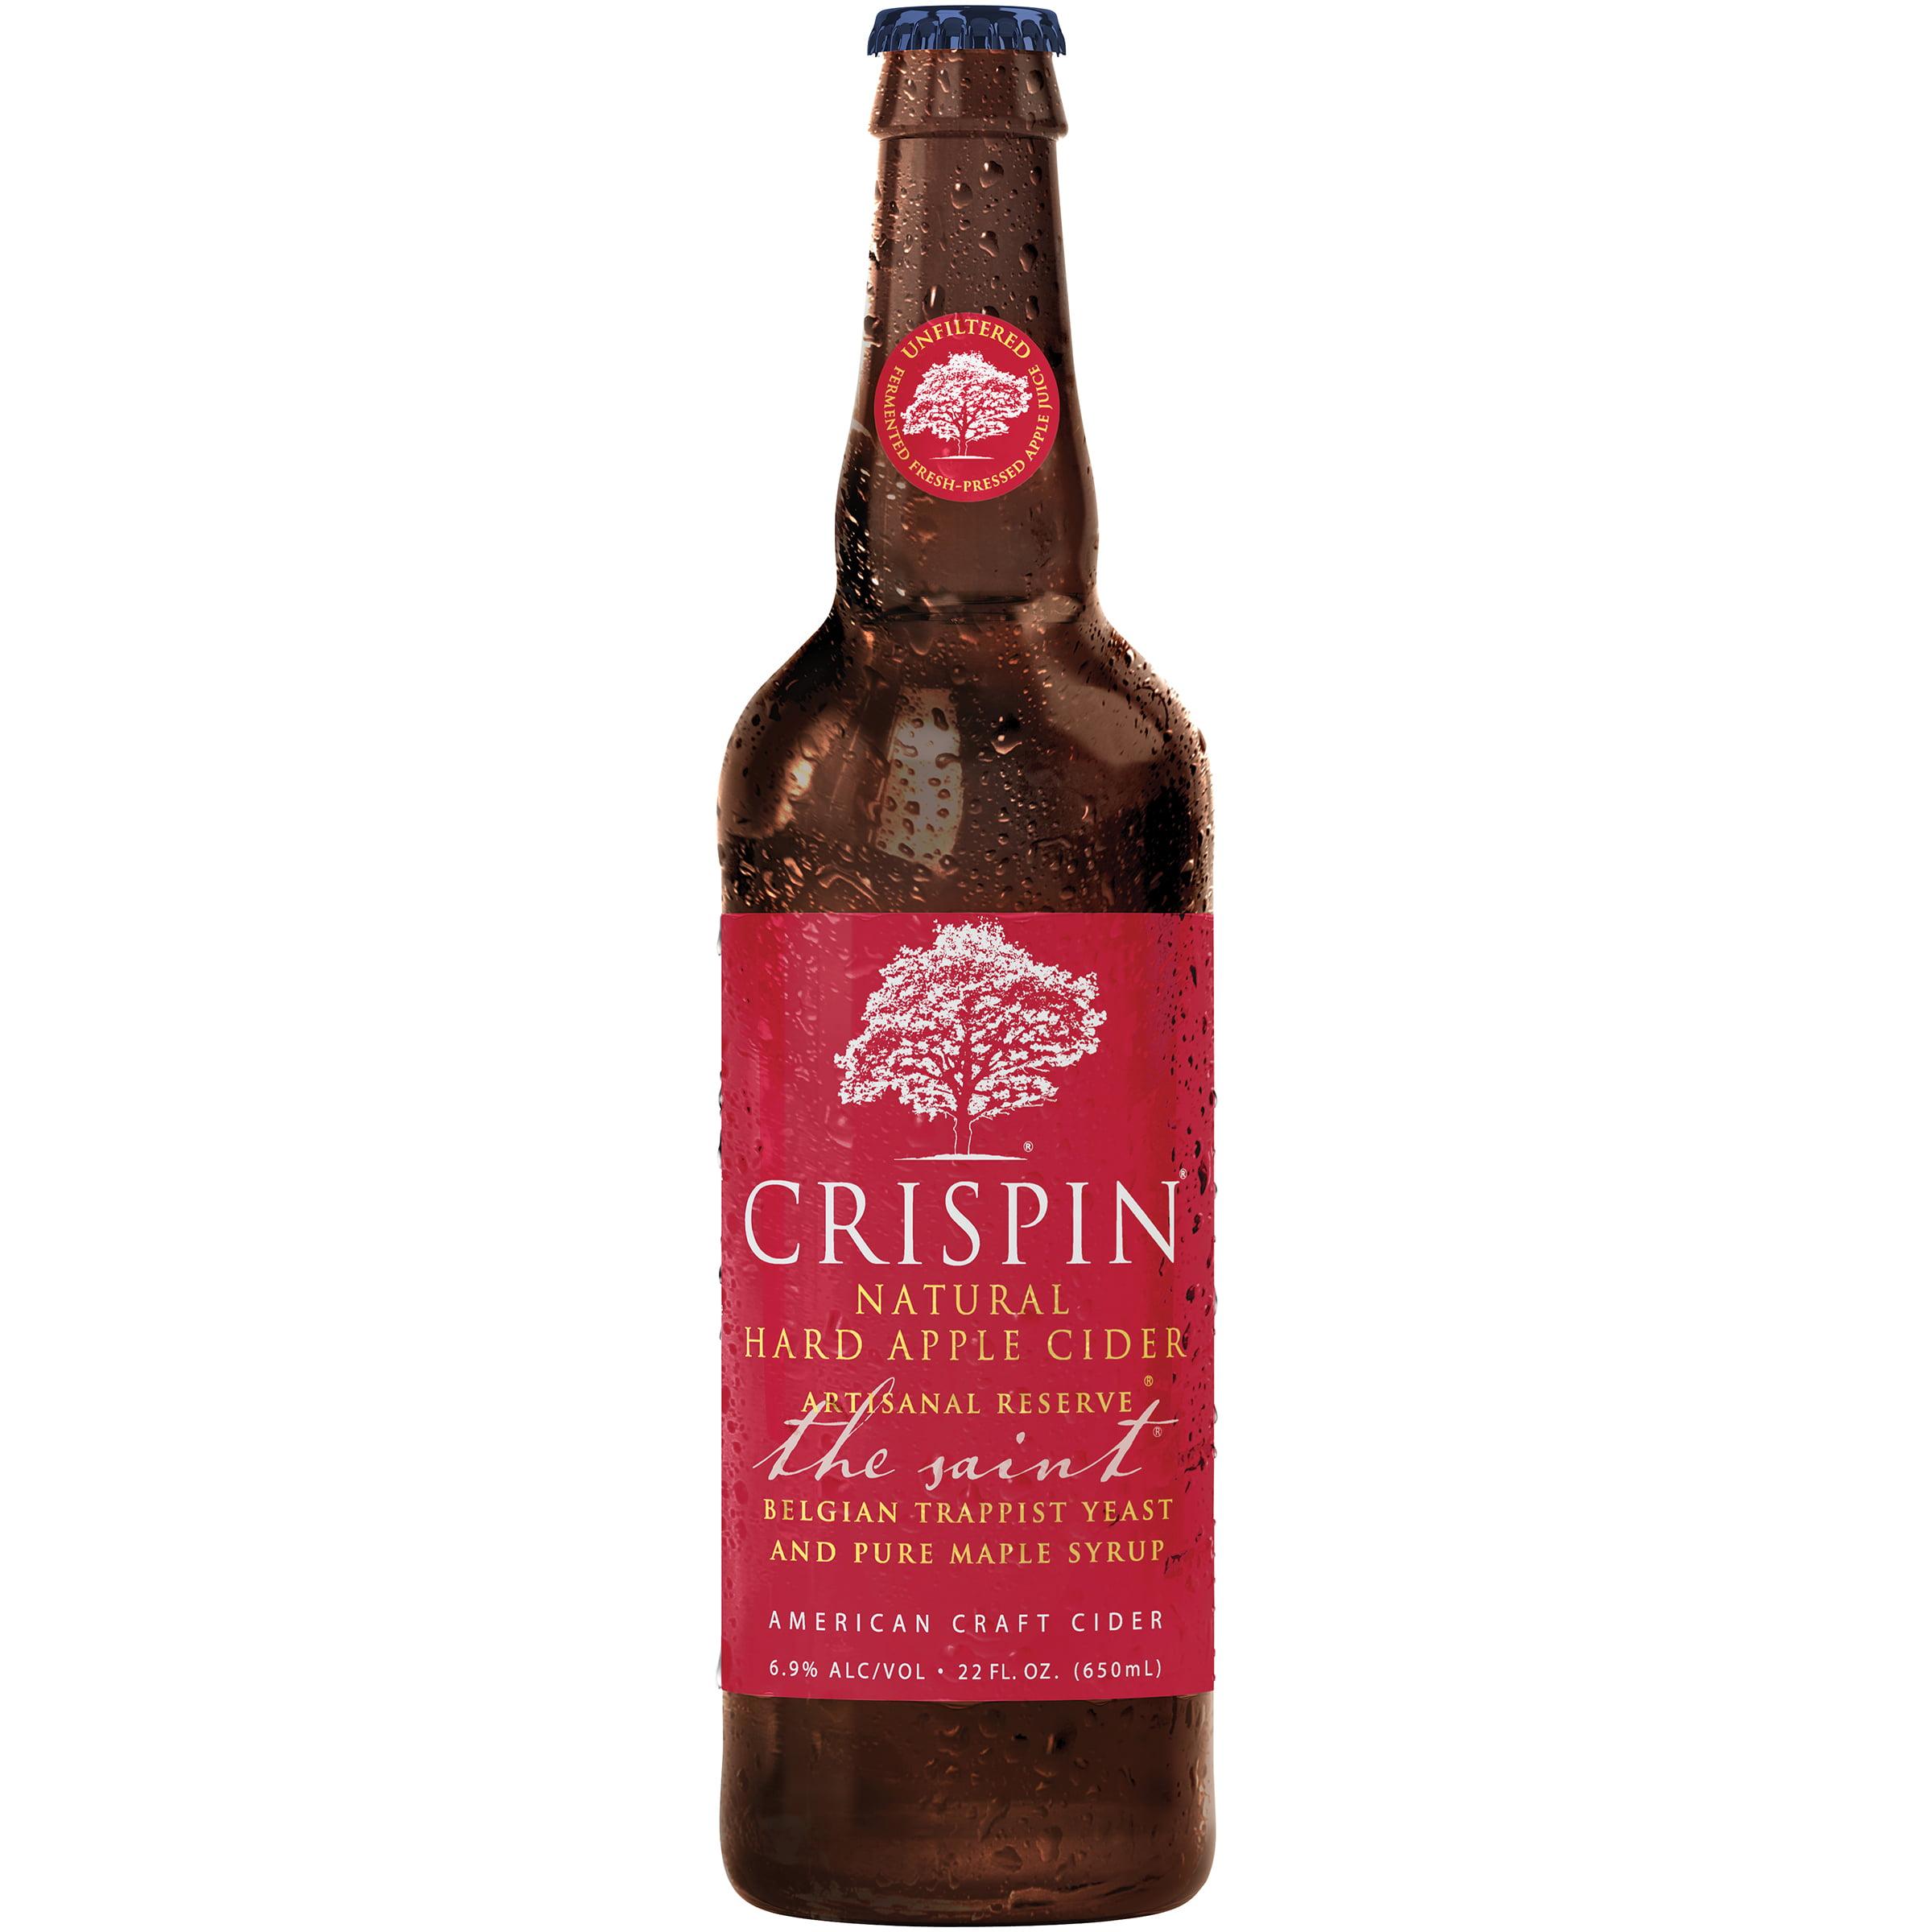 Crispin Cider Co Crispin � Artisanal Reserve � The Saint Hard Apple Cider 22 Fl. Oz. Glass Bottle